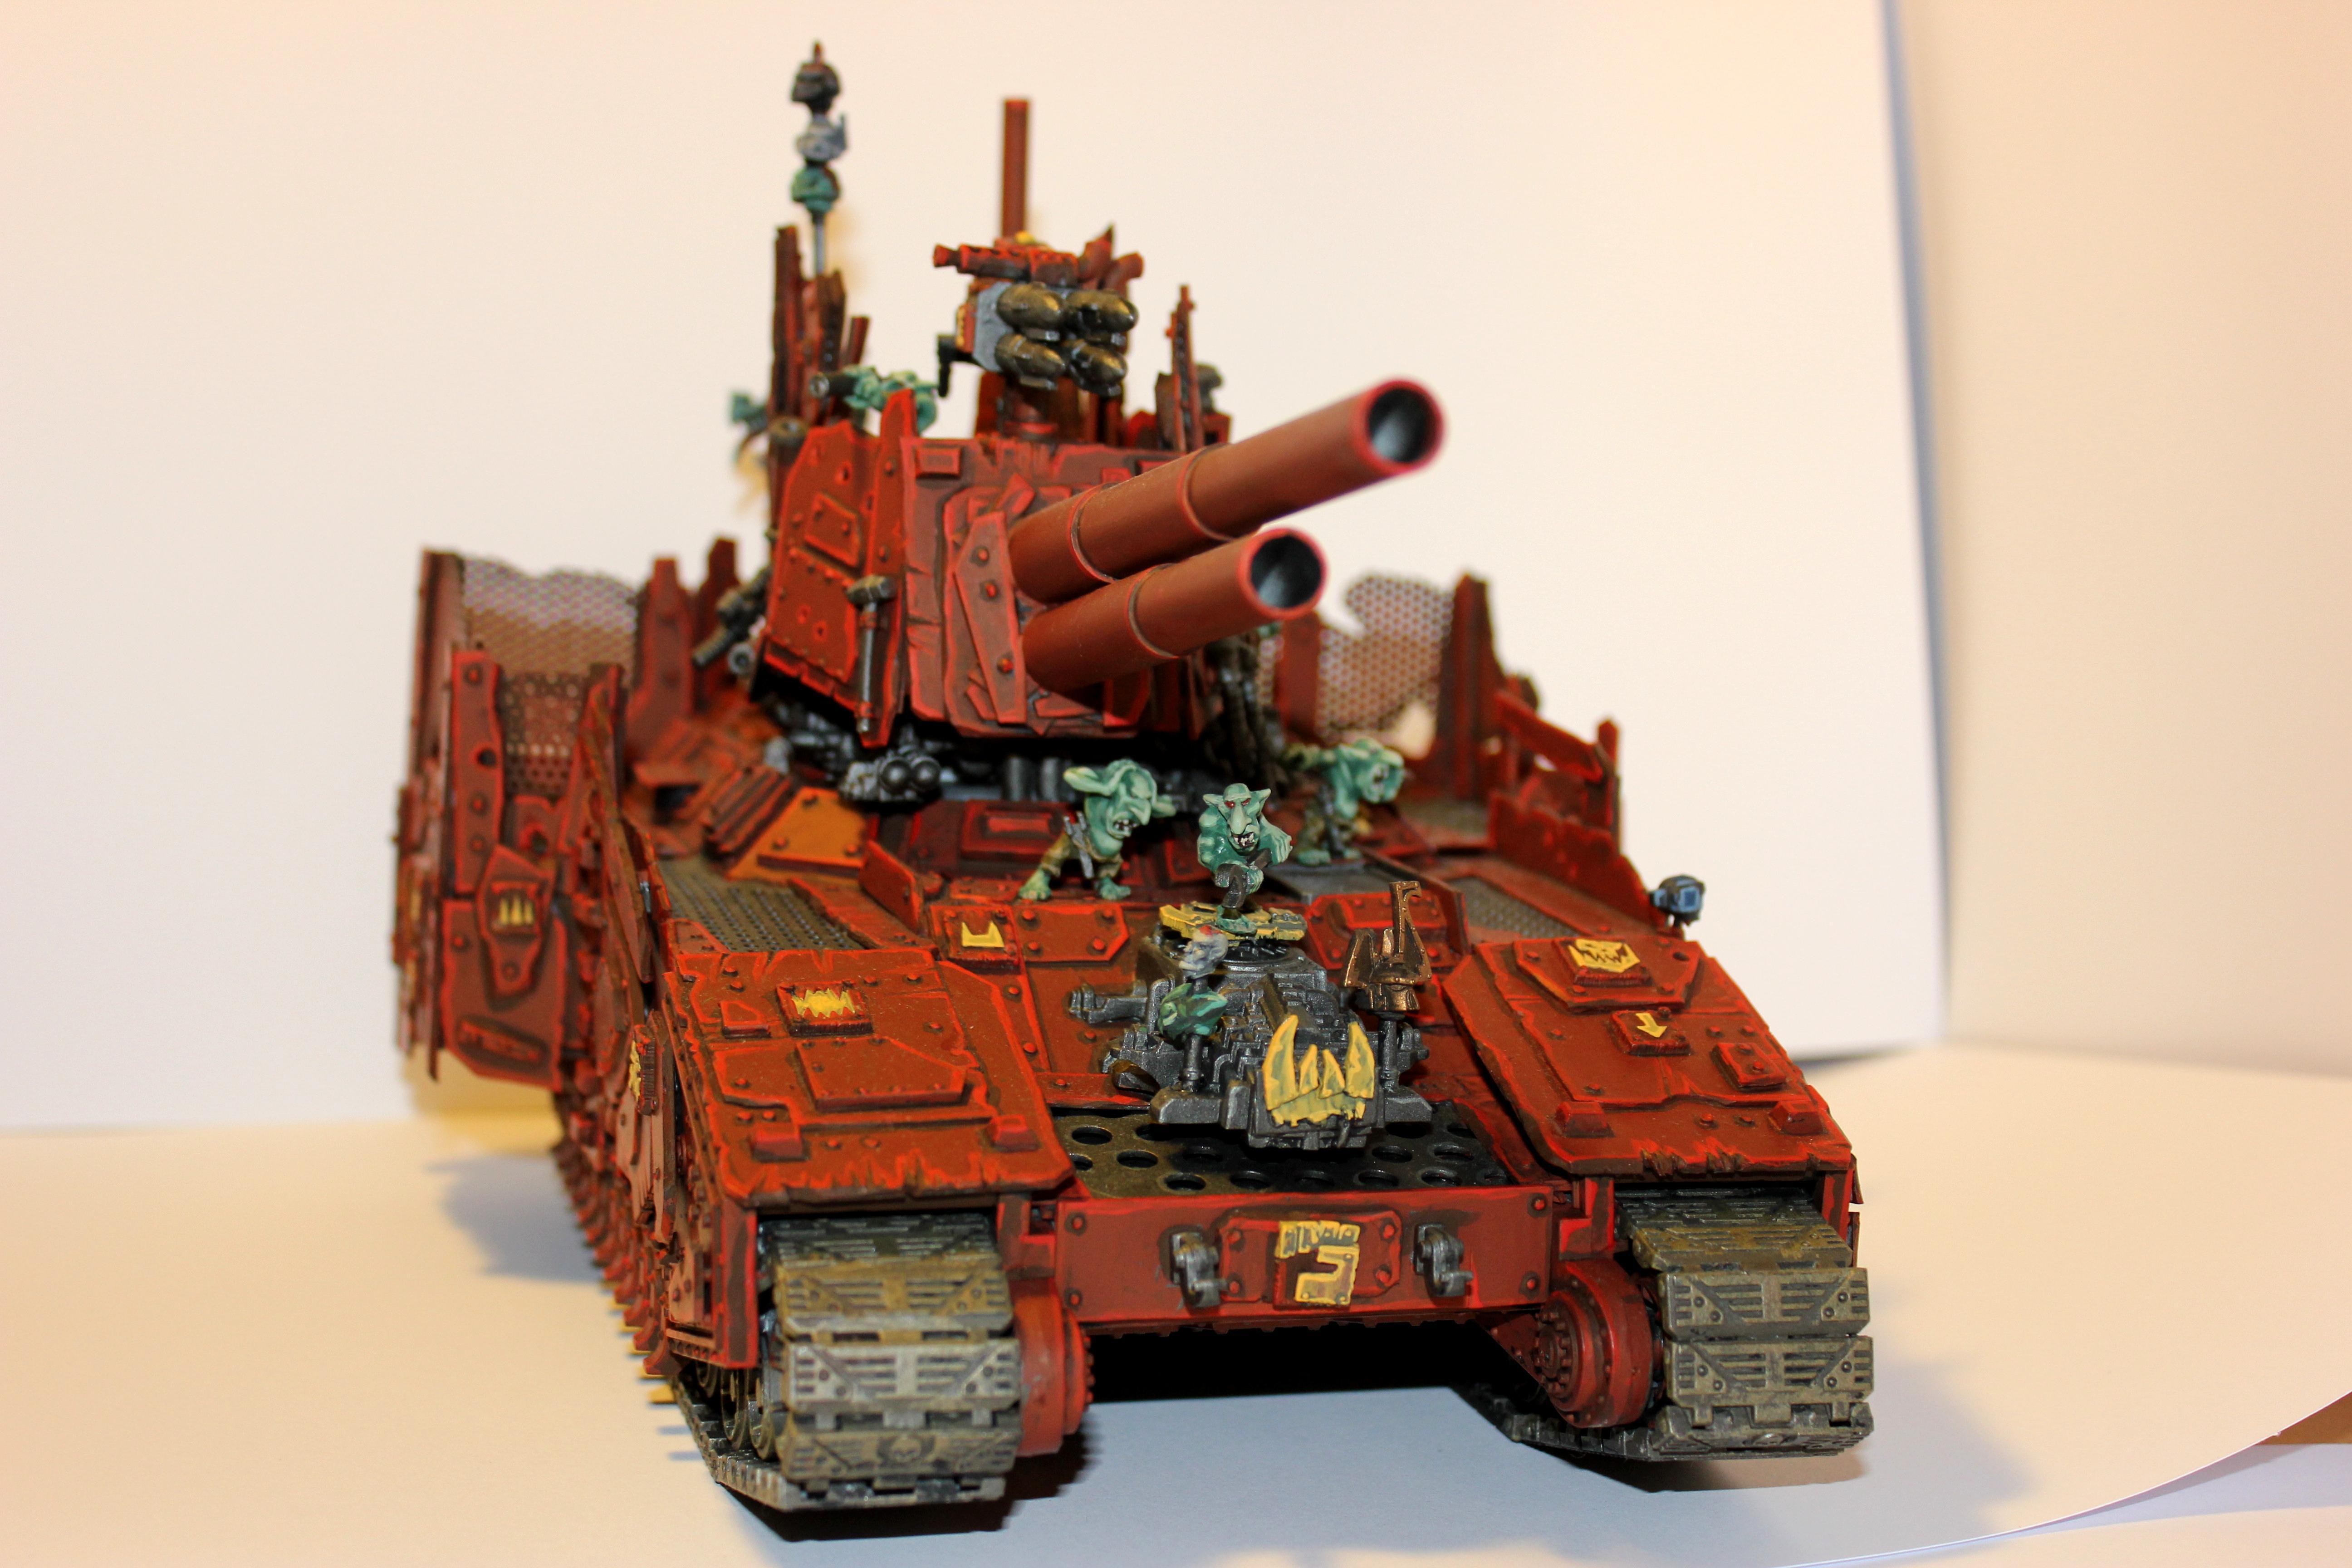 Baneblade, Battlewagon, Bazzooka, Beutepanza, Buggy, Dakka Dakka, Grots, Imperial Tank, Kampfpanza, Kampfpanzer, Lootaz, Mekboy, Moscha, Ork Tank, Orkboy, Plünderas, Squix